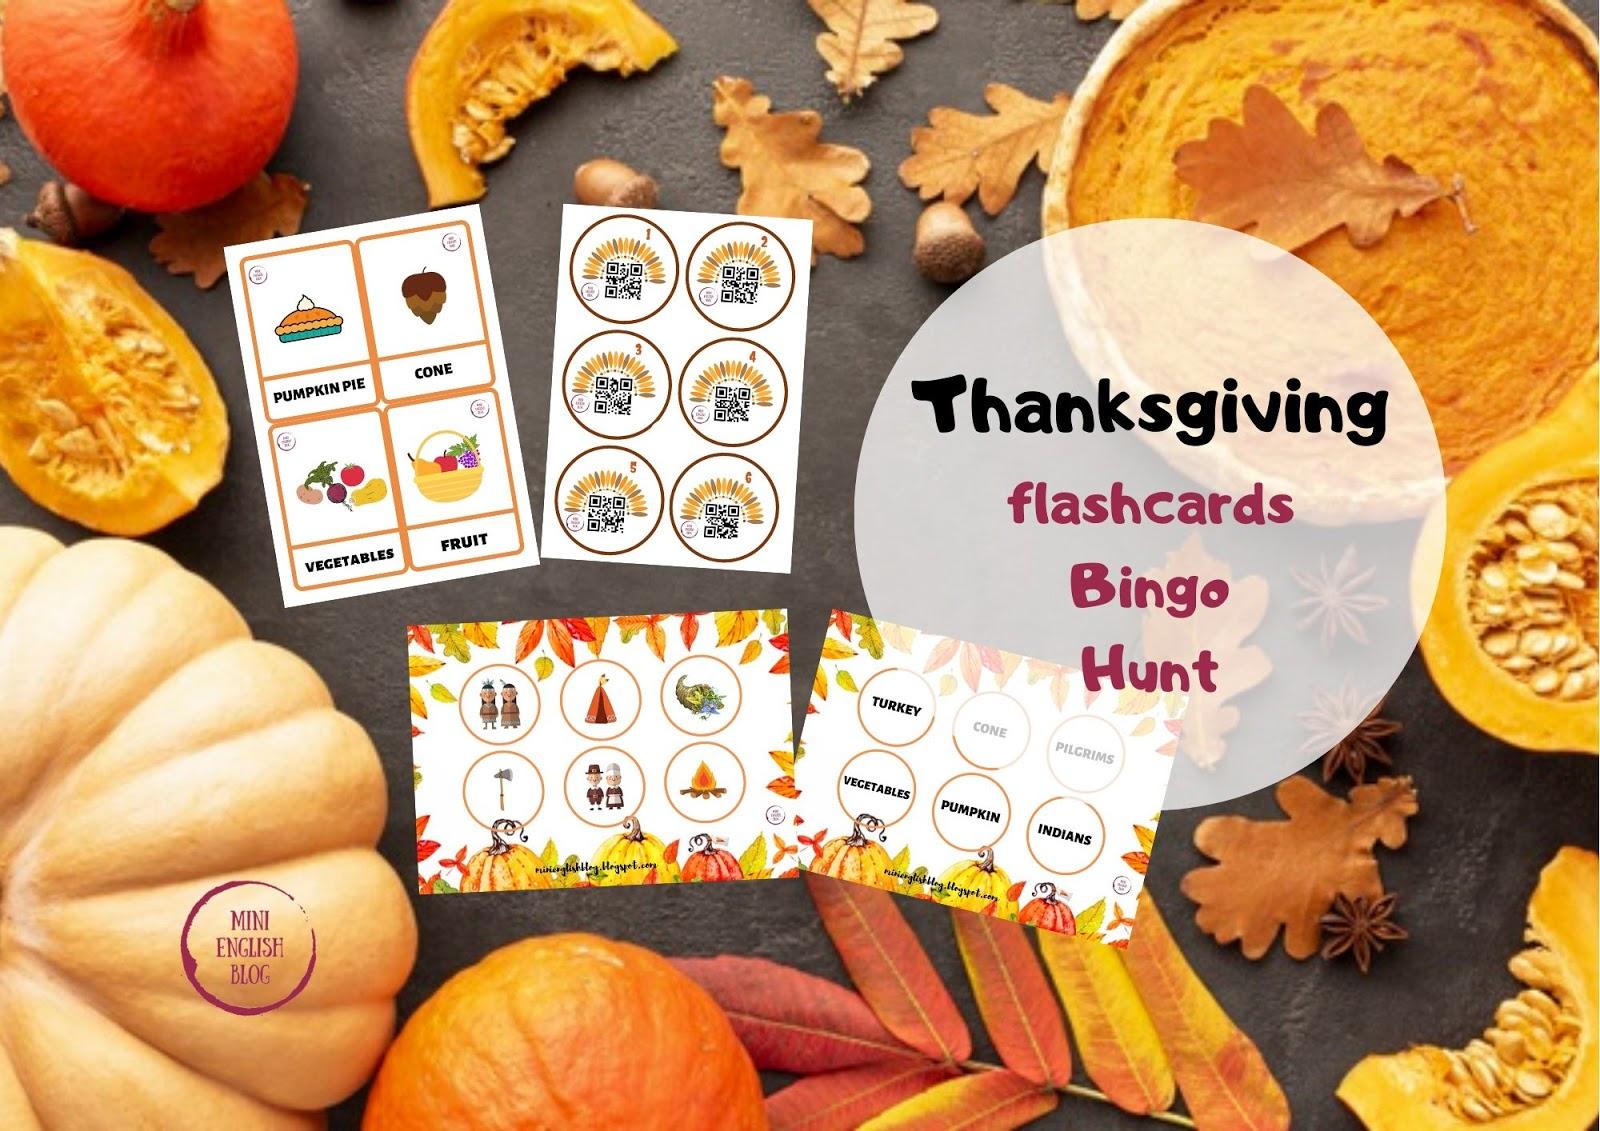 Thanksgiving: Hunt z qr kodami, Bingo i flashcards